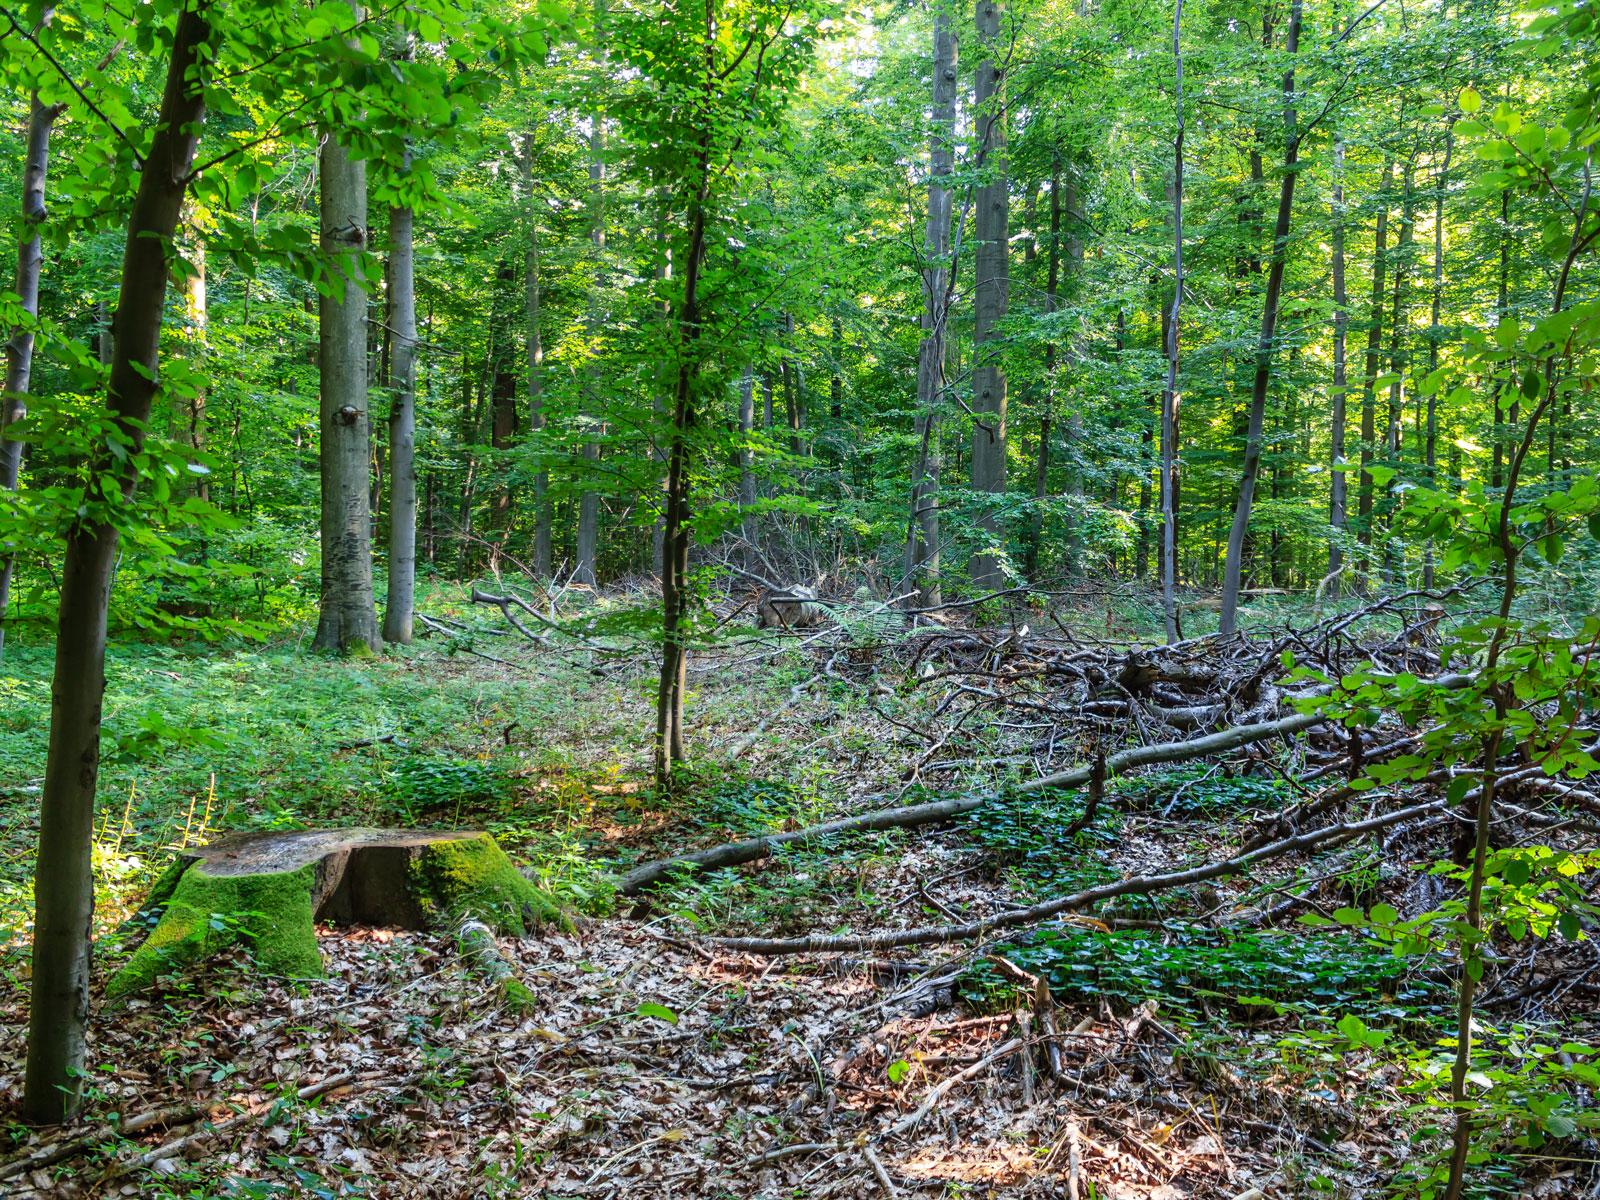 Baumstumpf und Kronenholz